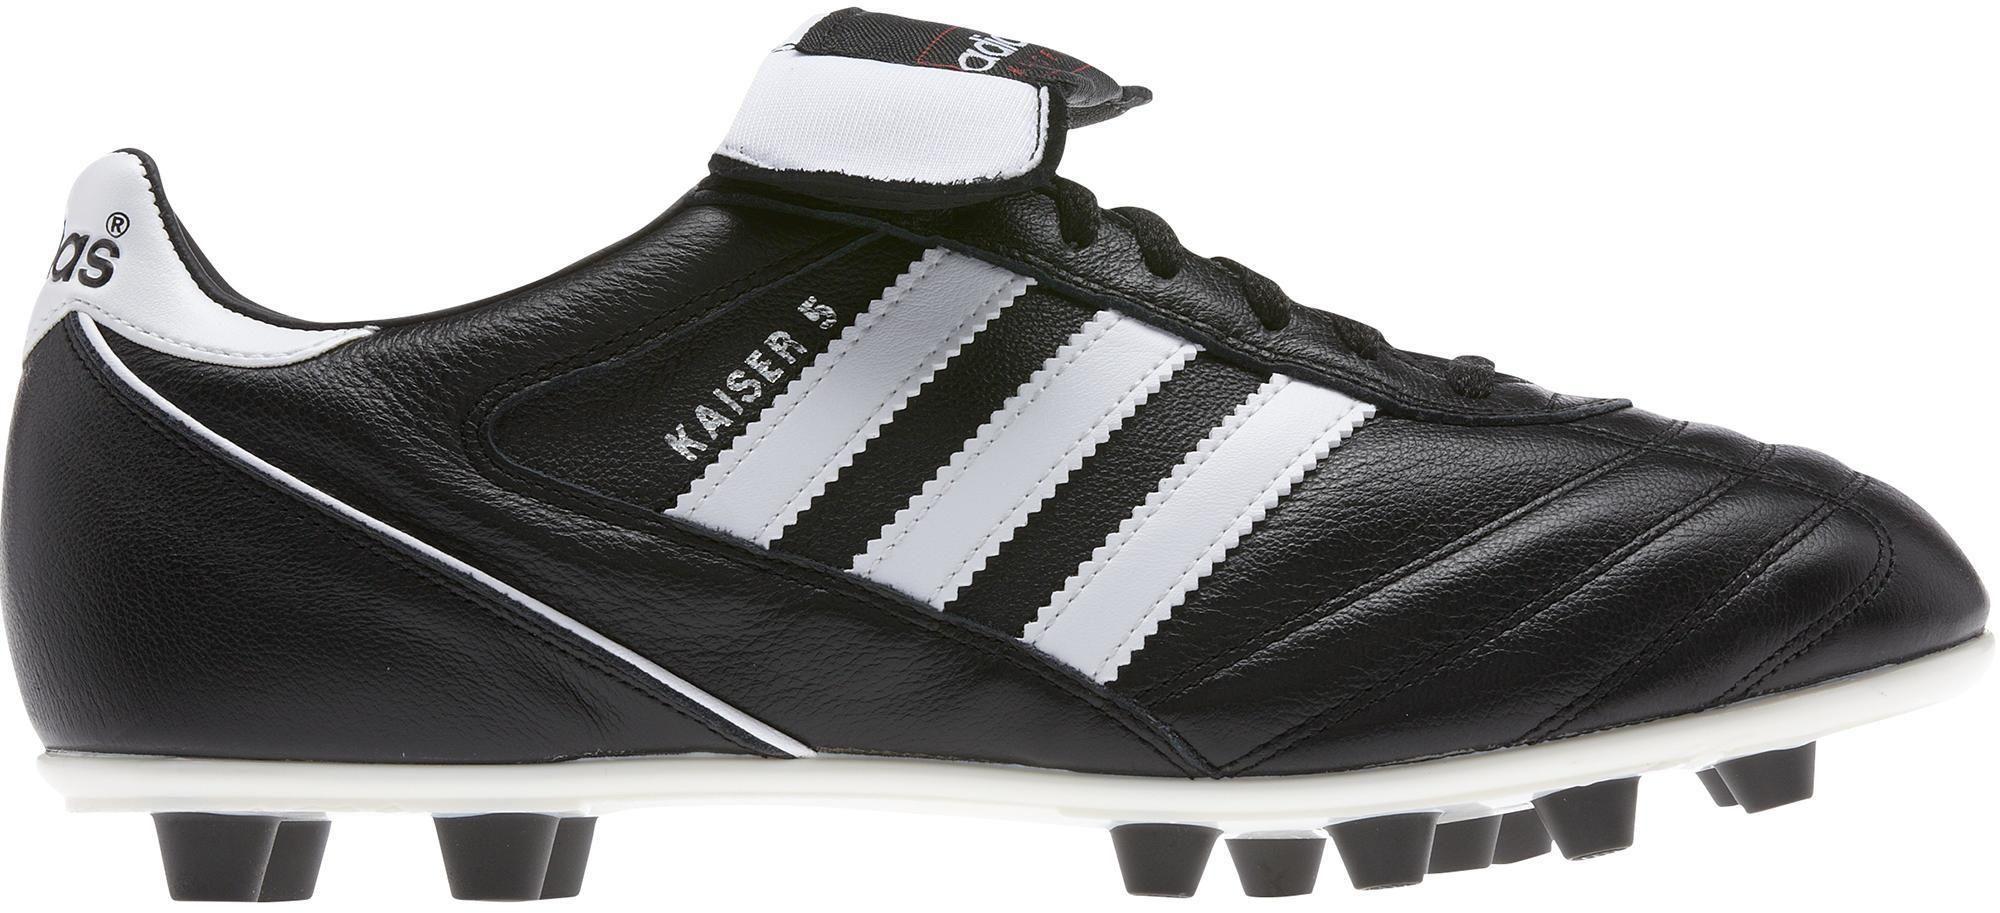 Buty do piłki nożnej Kaiser FG